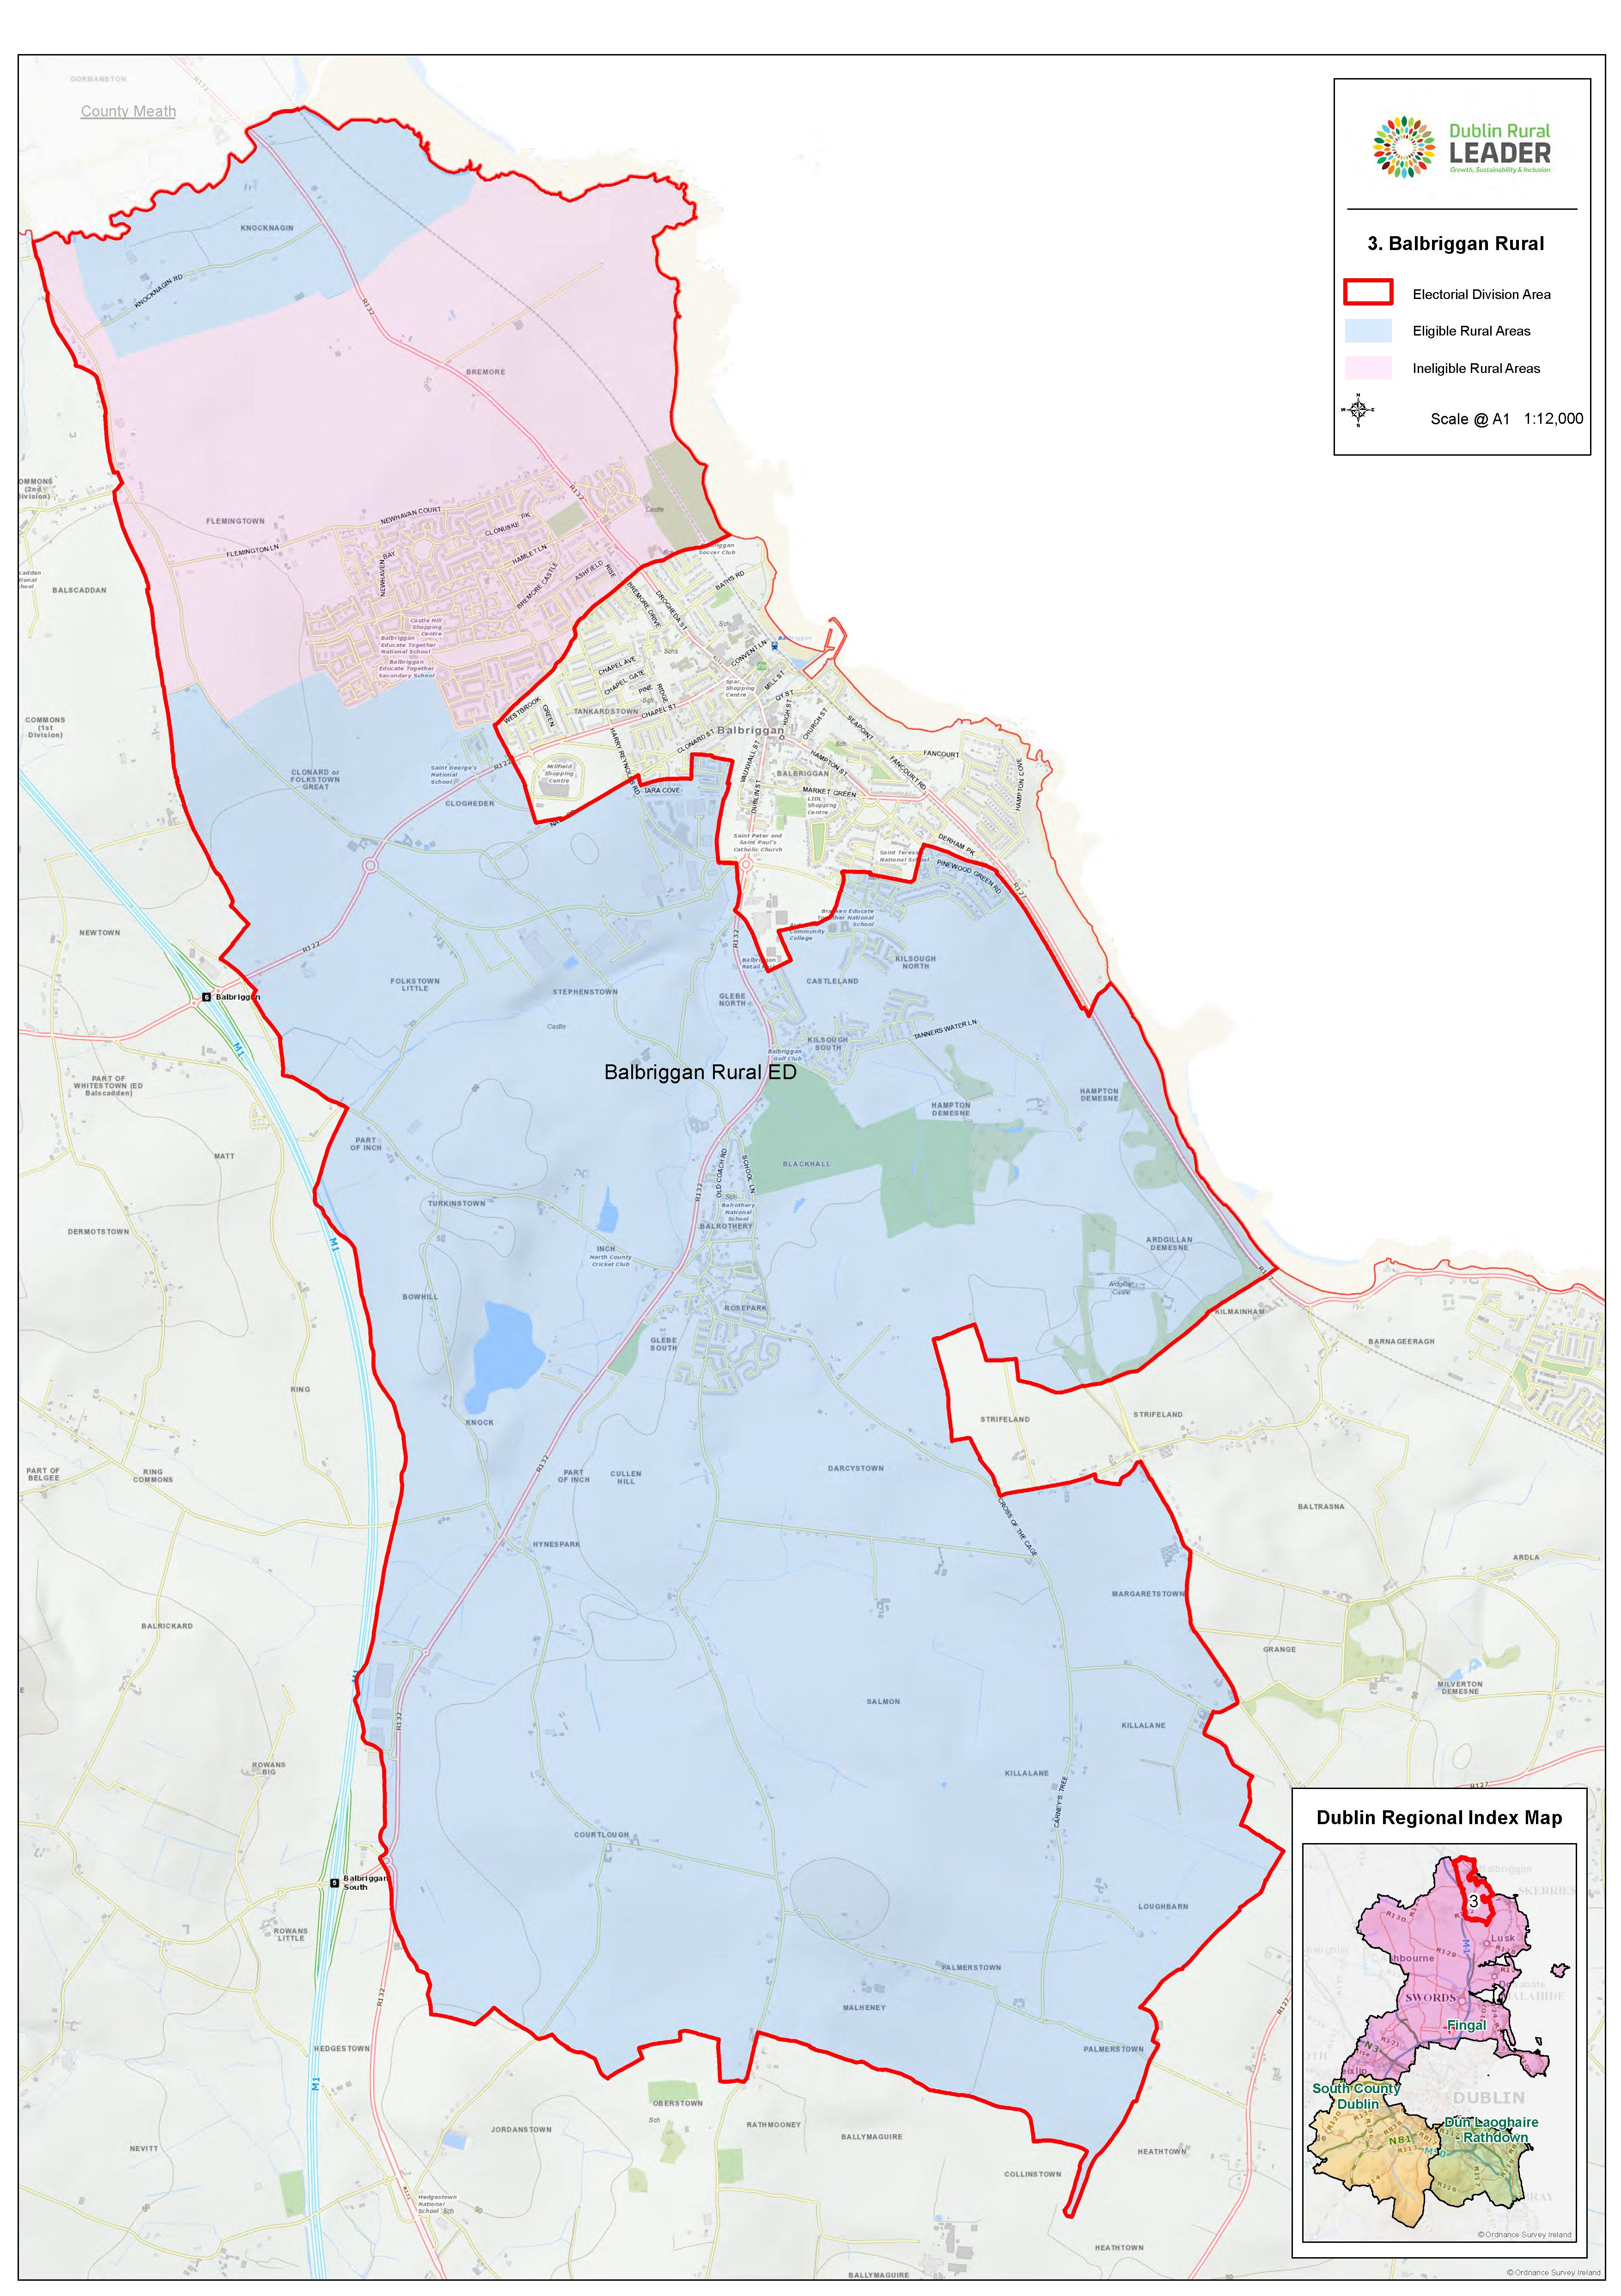 dublin_rural_leader_area_03-balbriggan-rural